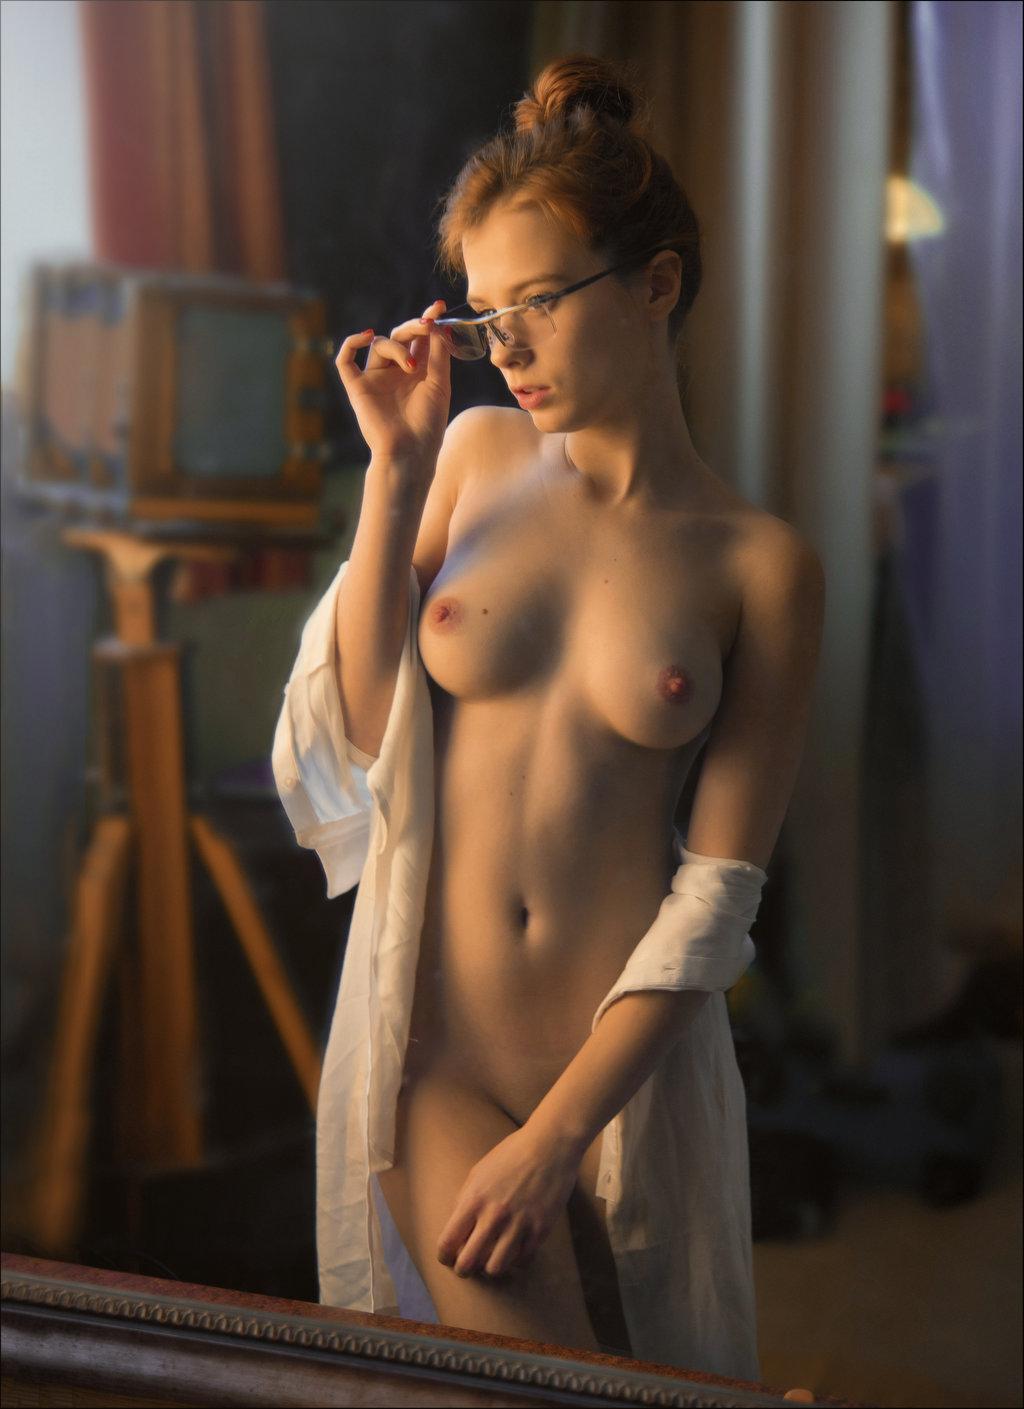 Actriz Porno Marta marta porn pic - eporner